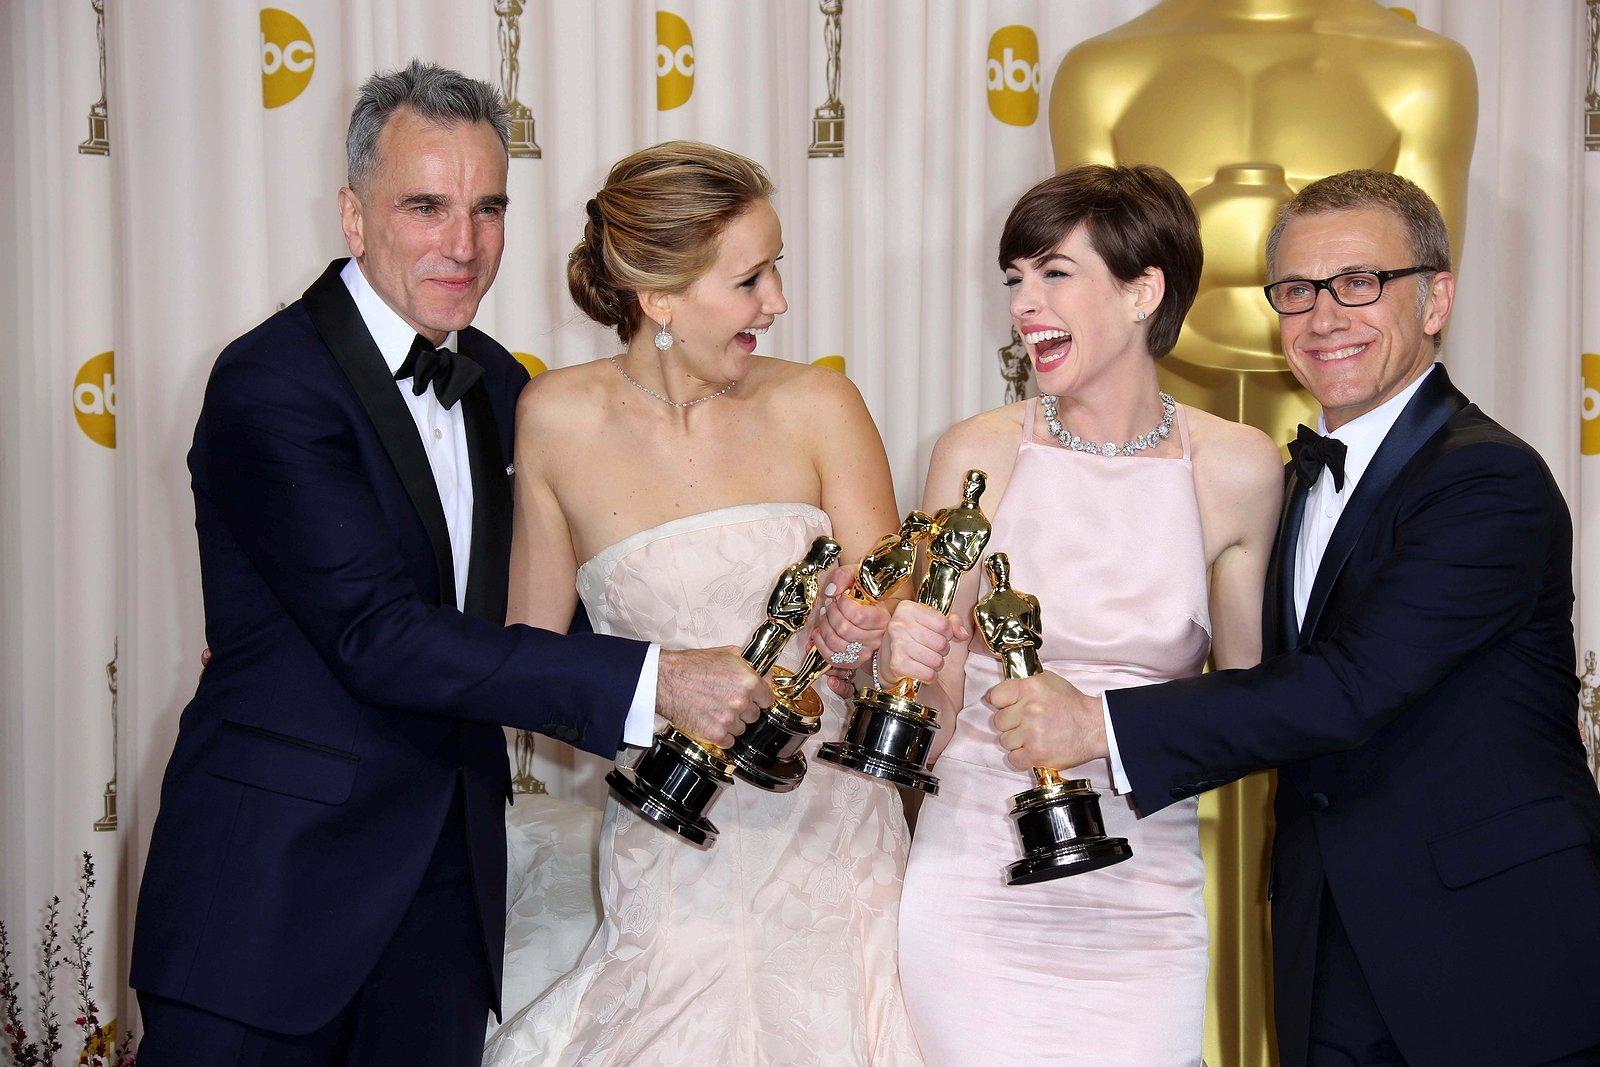 Daniel Day-Lewis Movie Career Ratings